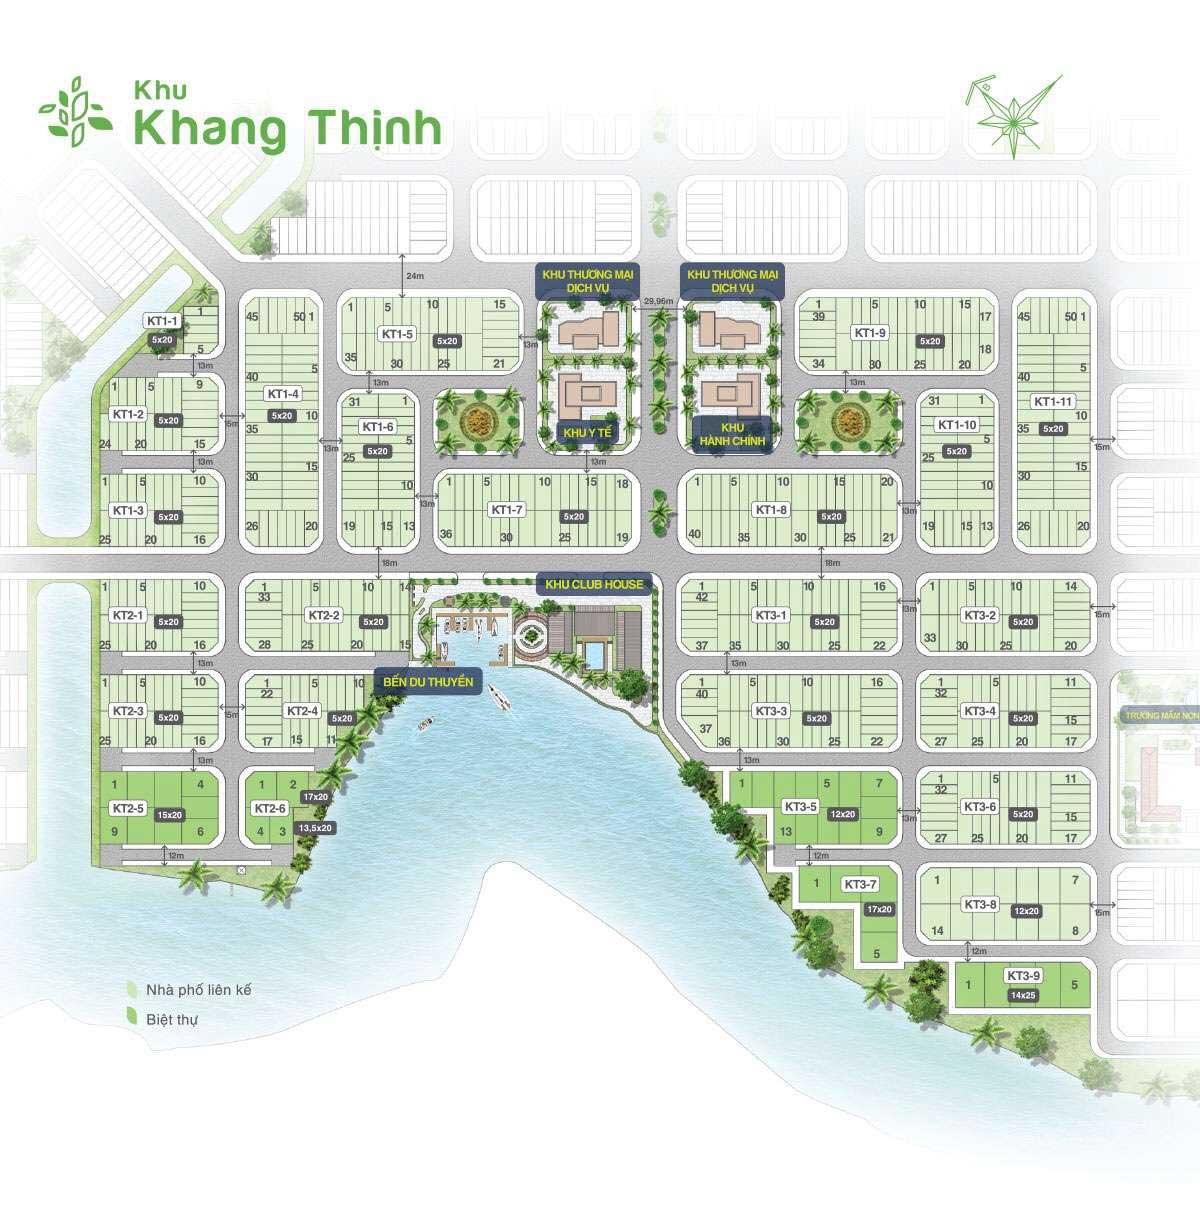 mat bang phan lo khu khang thinh bien hoa new city - BIỆT THỰ BIÊN HÒA NEW CITY